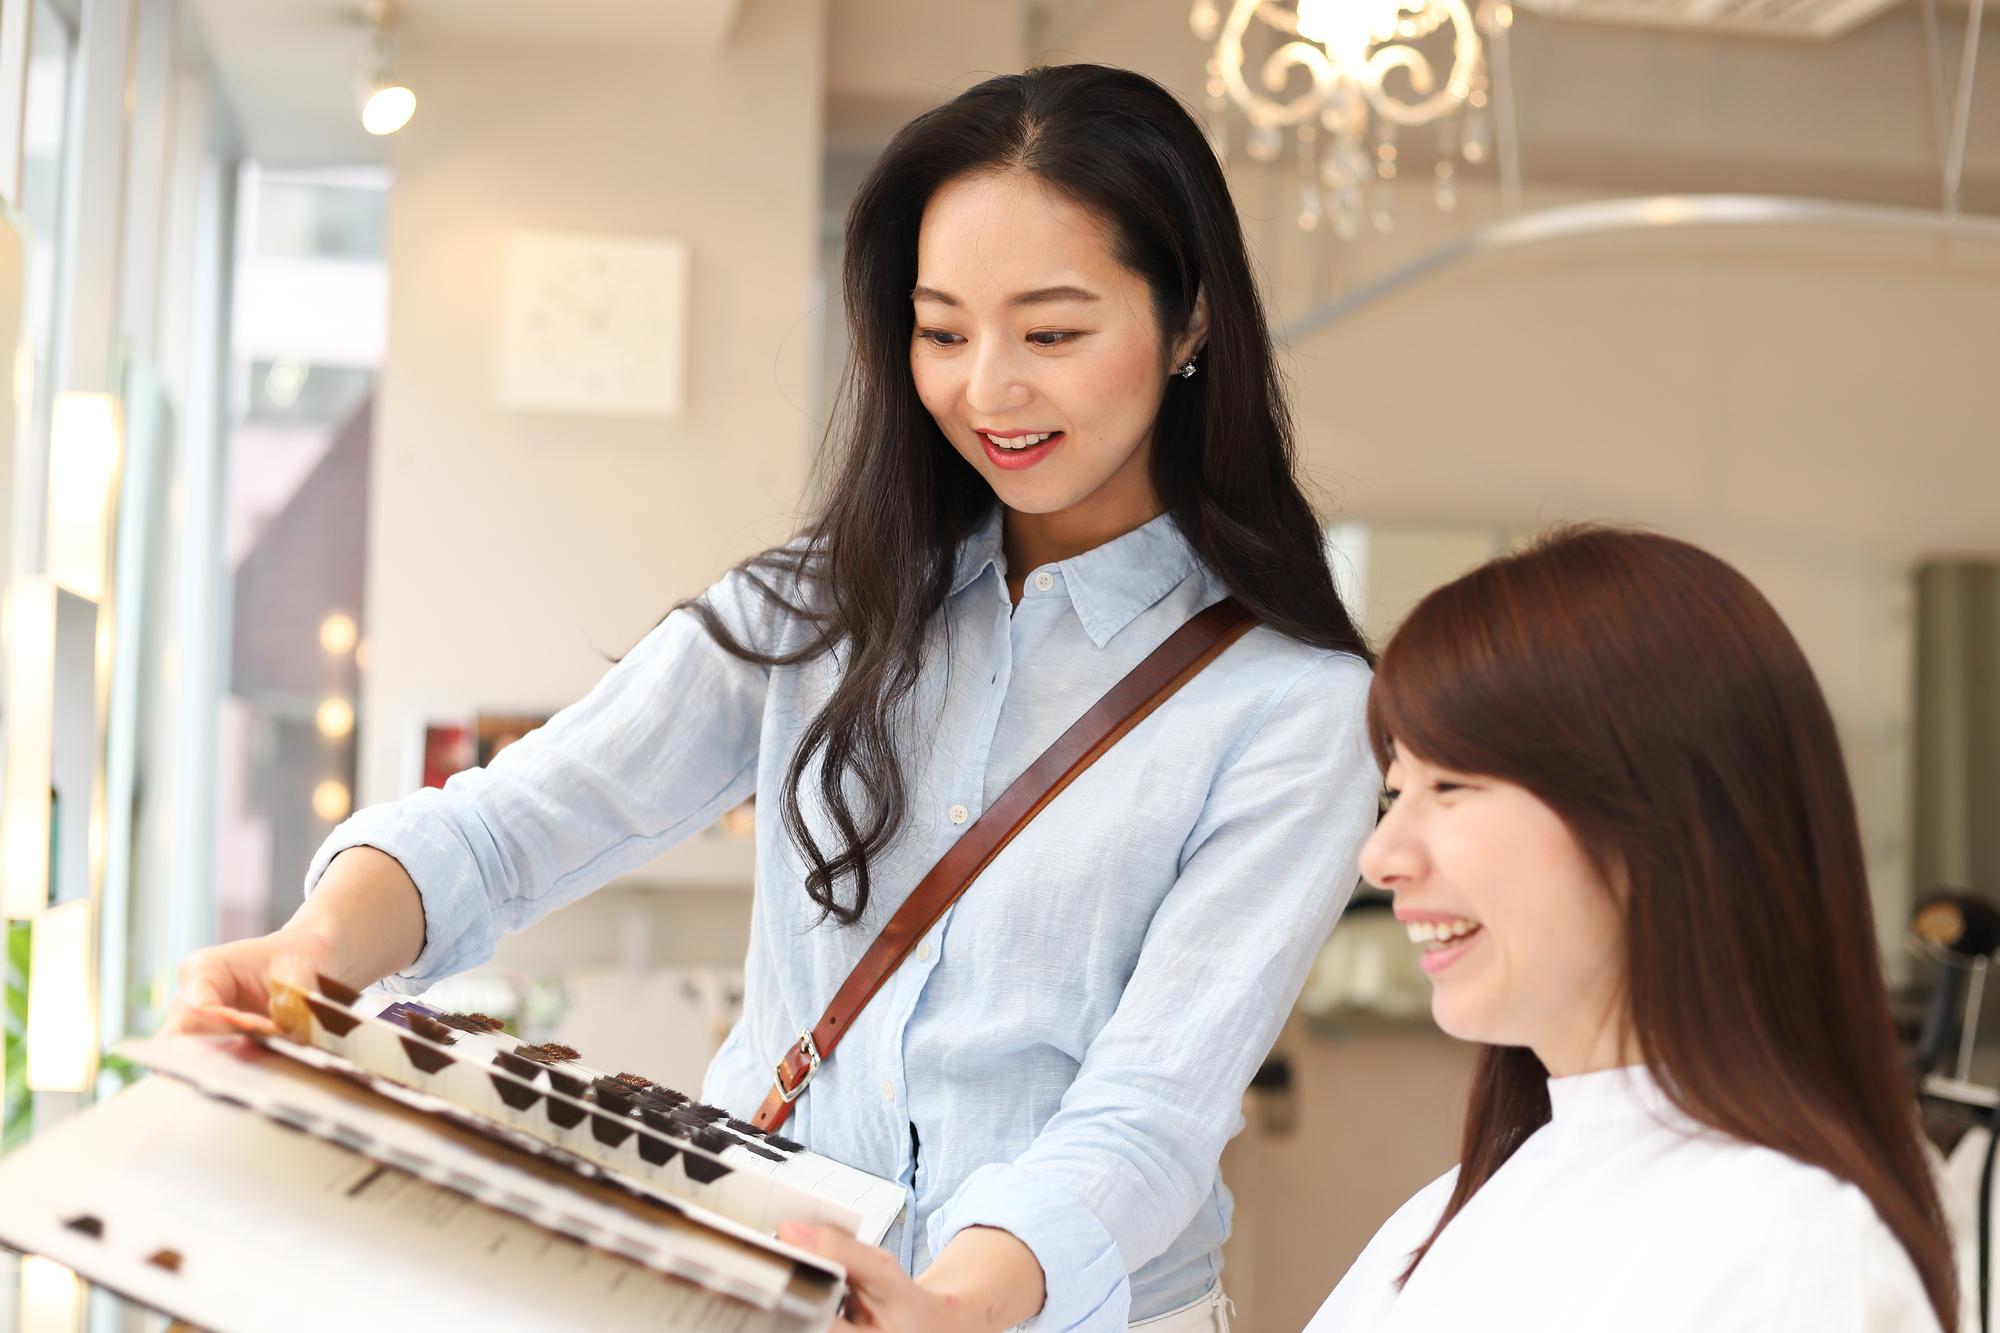 美容師はカウンセリングが苦手でも大丈夫!? ベテランが「絶対に確認している項目」とは?